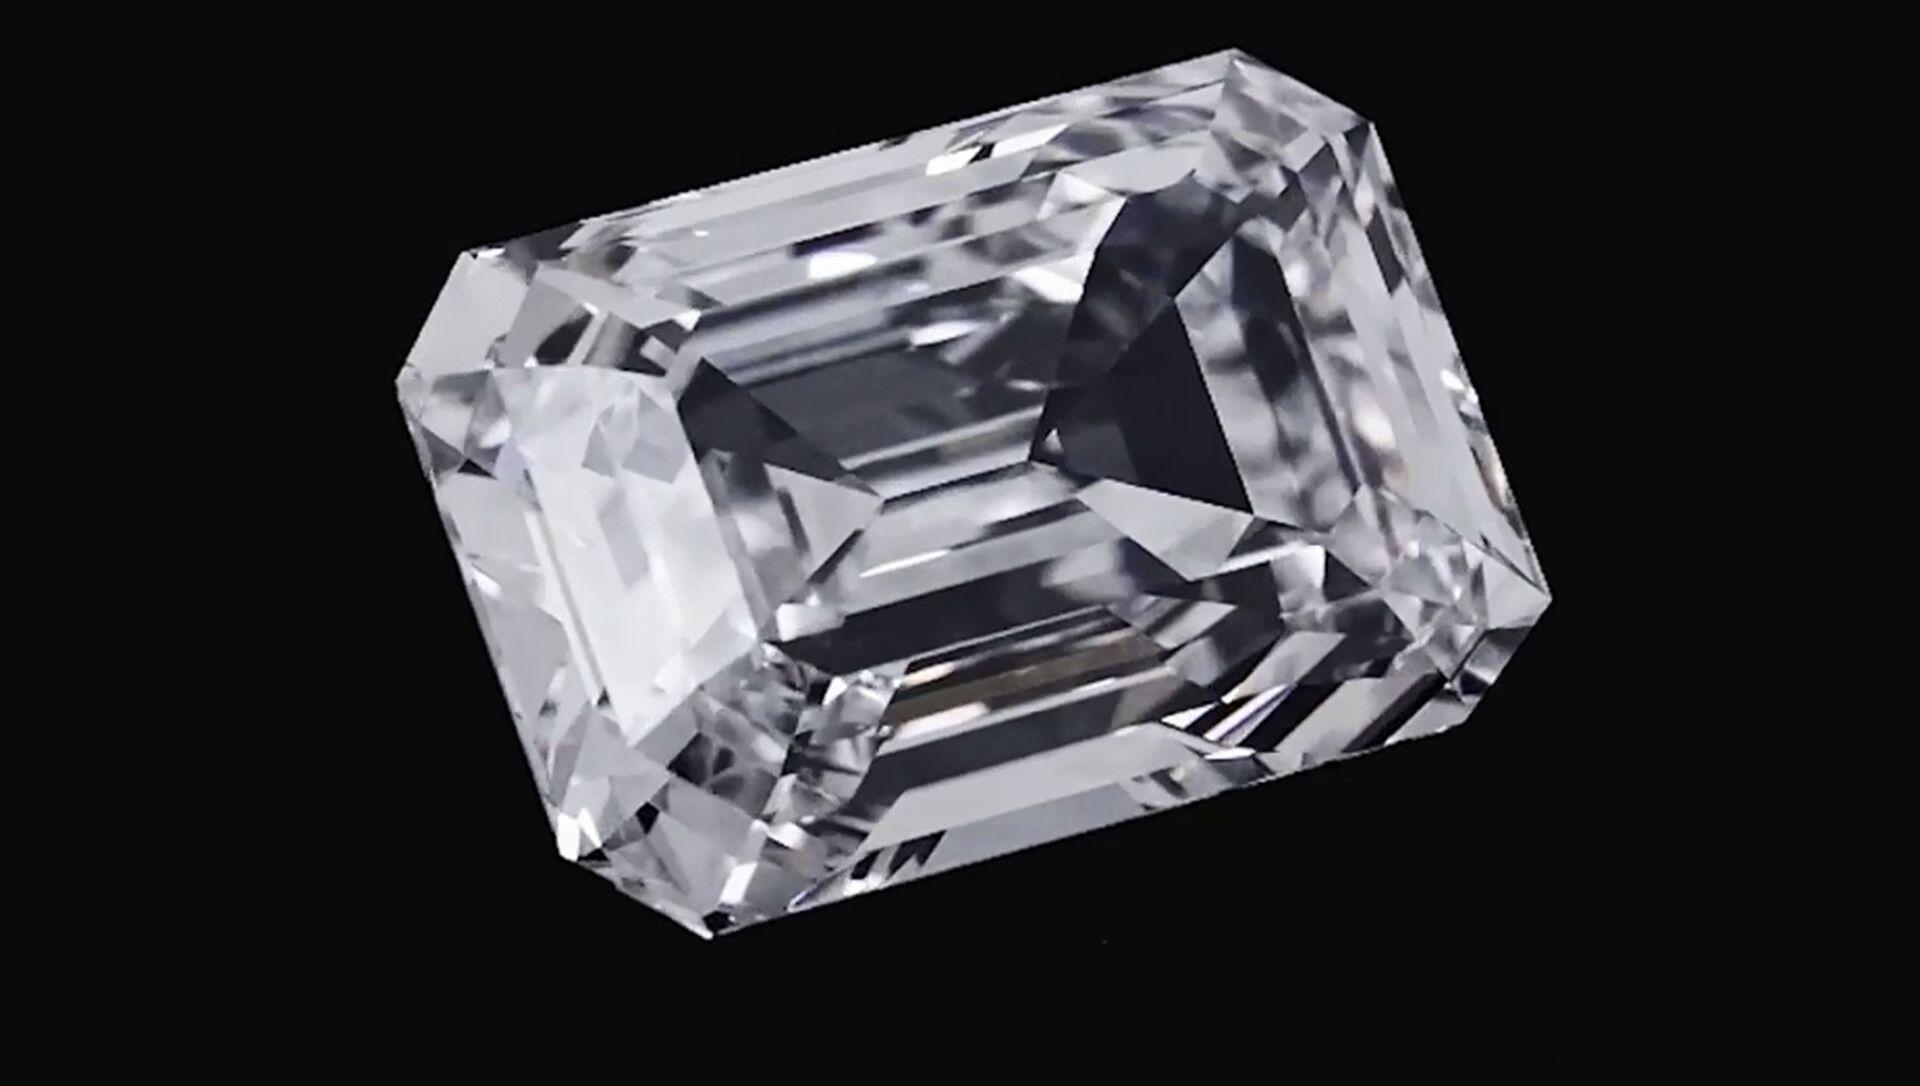 Драгоценный камень весом в 100 карат стал самым дорогим лотом на аукционе Christiie's в Женеве. - Sputnik 日本, 1920, 13.05.2021